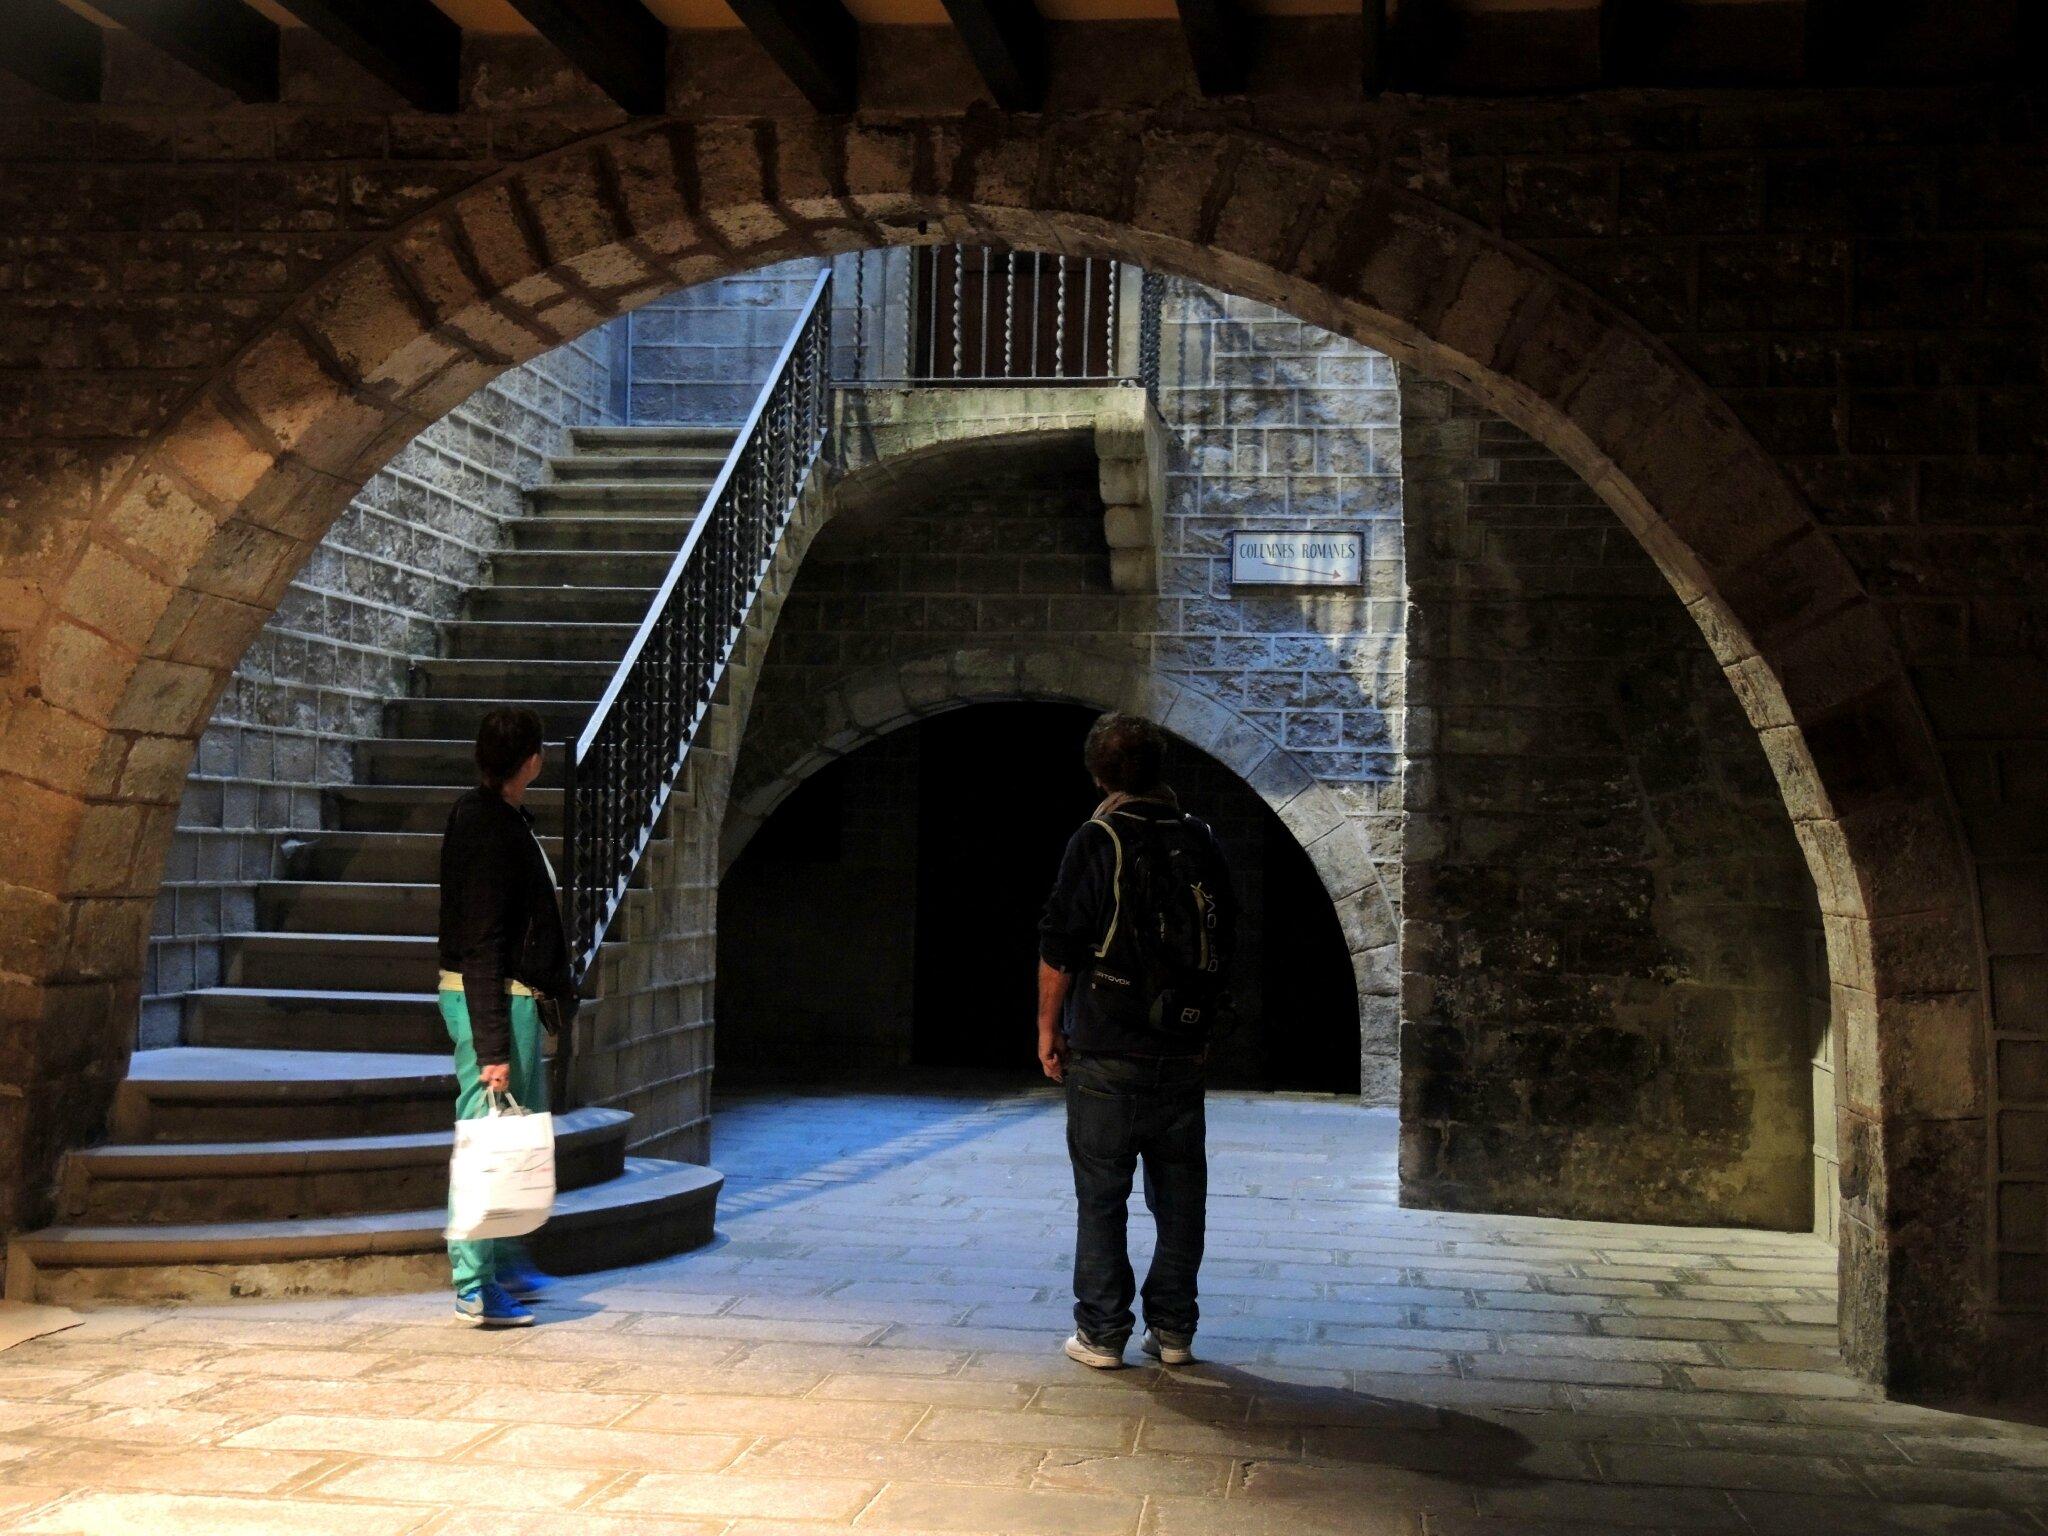 Barcelone, quartier gothique, chapelle Sainte Agathe (Espagne)